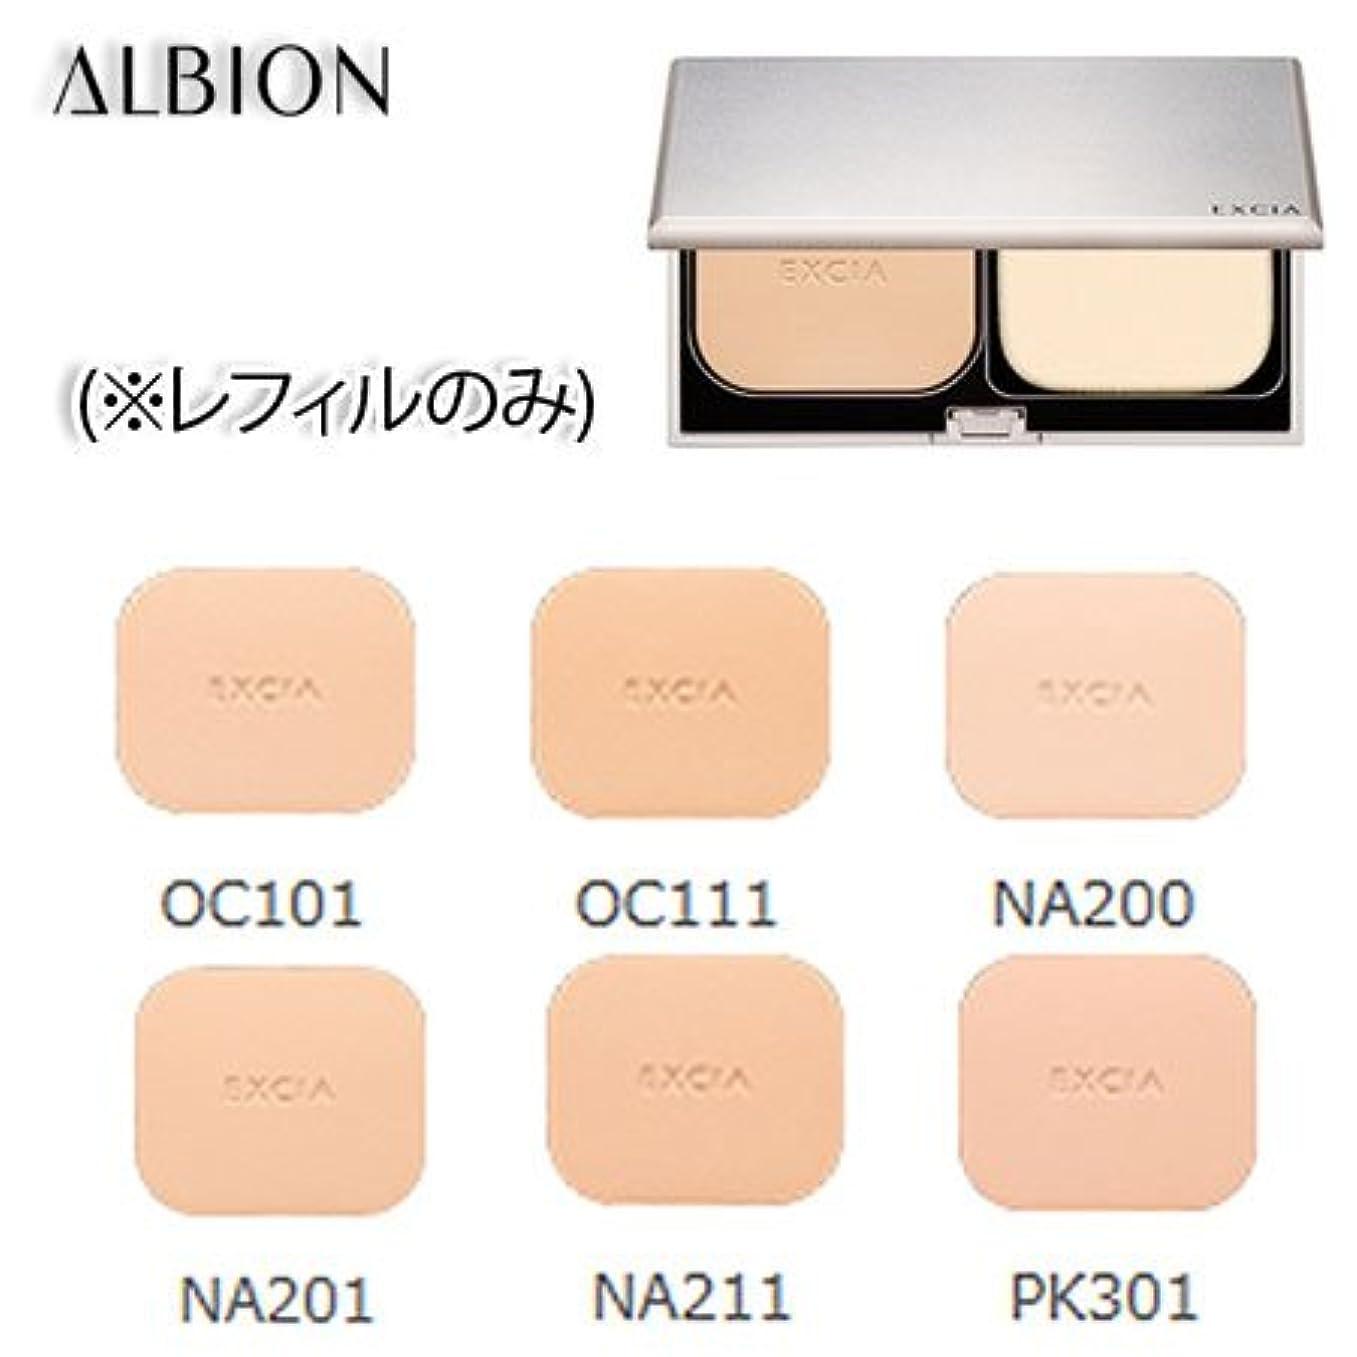 頑張るラダ推定するアルビオン エクシア AL ホワイトプレミアムパウダー ファンデーション SPF30 PA+++ 11g 6色 (レフィルのみ) -ALBION- PK301